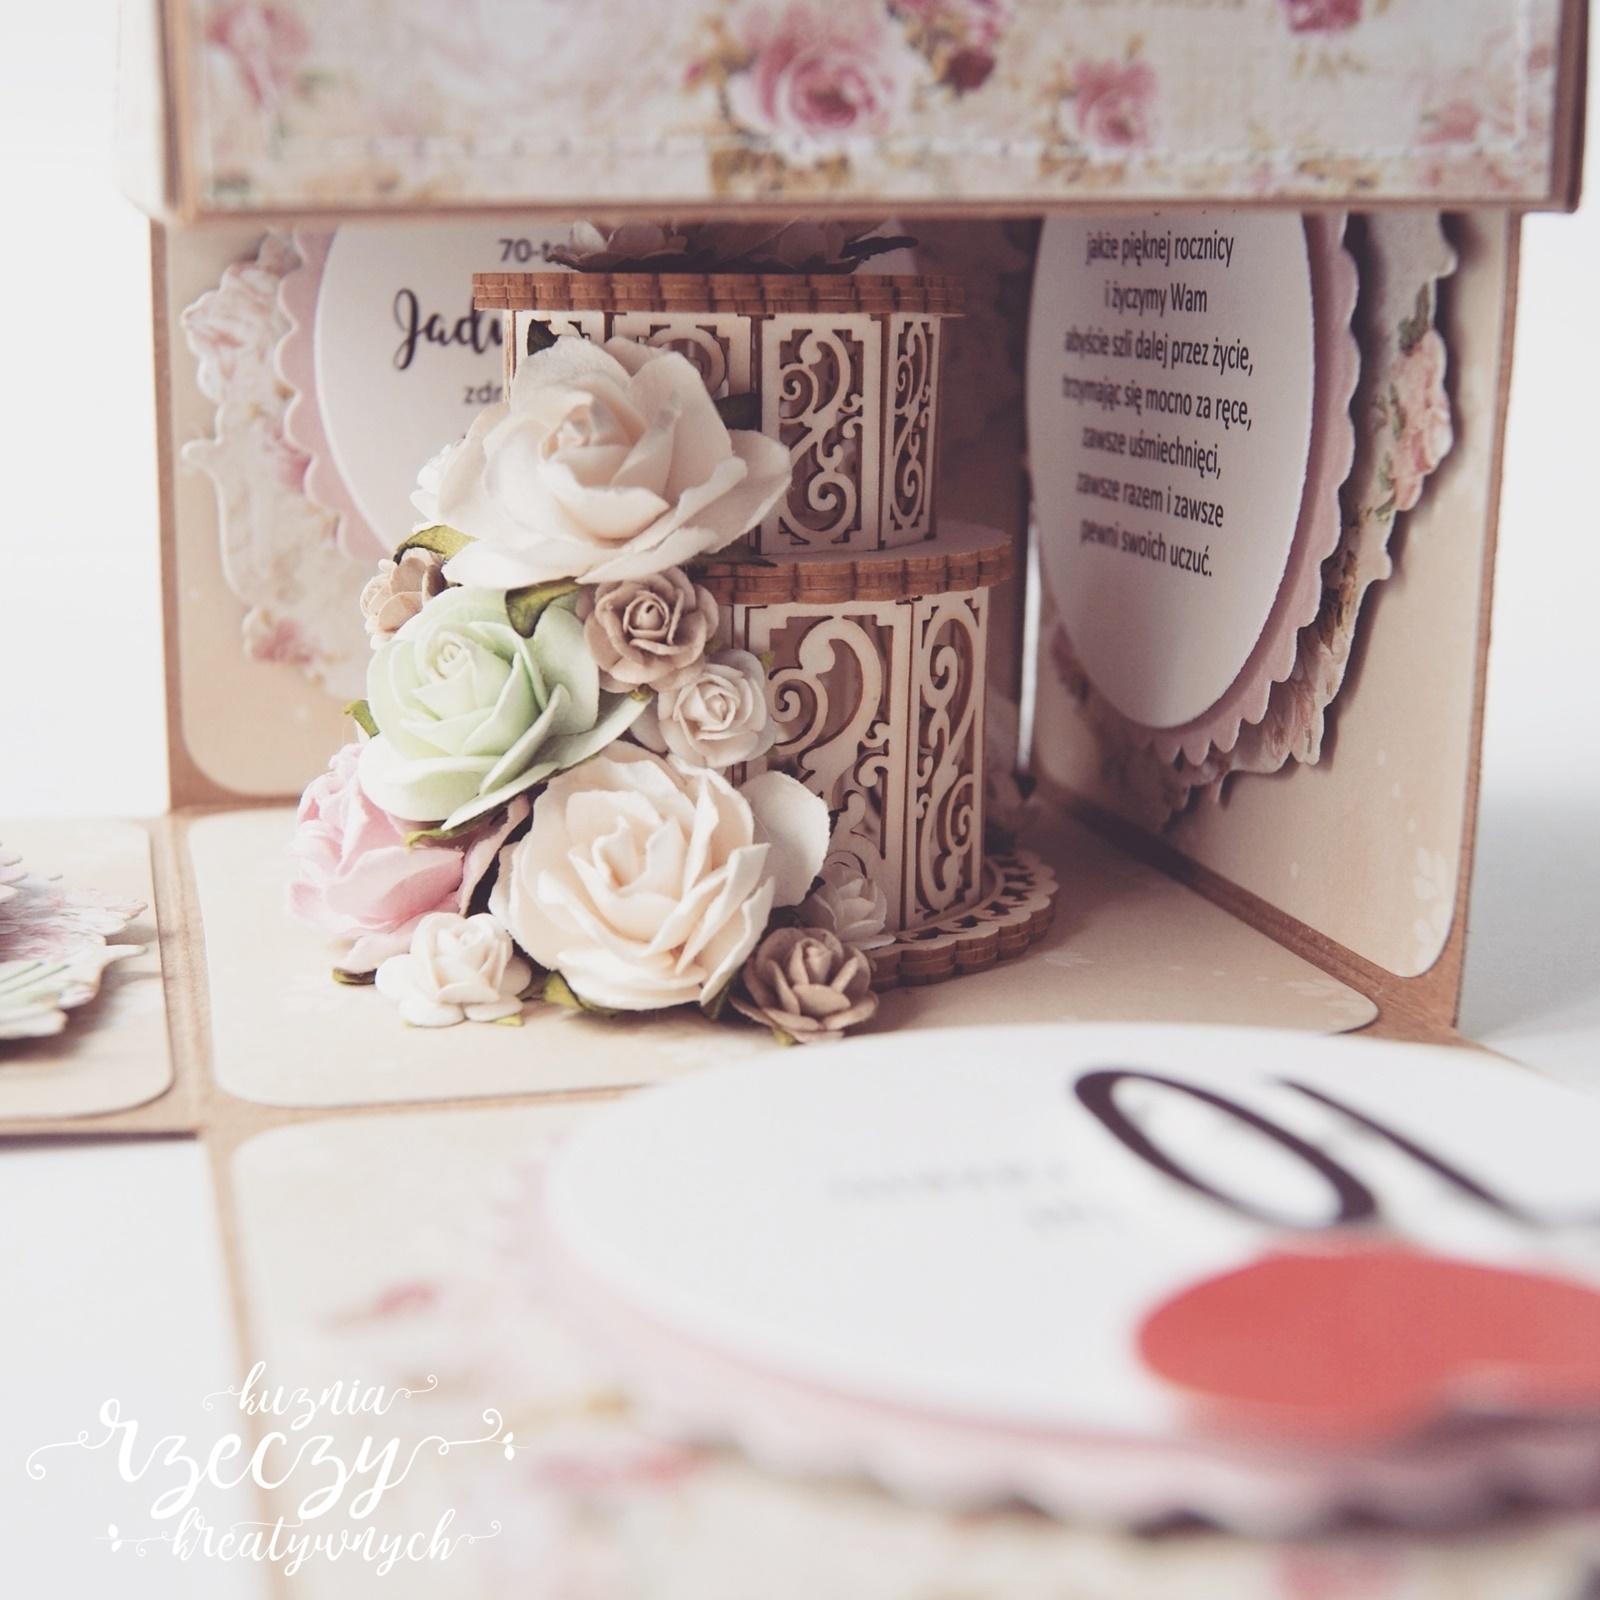 Exploding box z okazji 70. rocznicy ślubu.